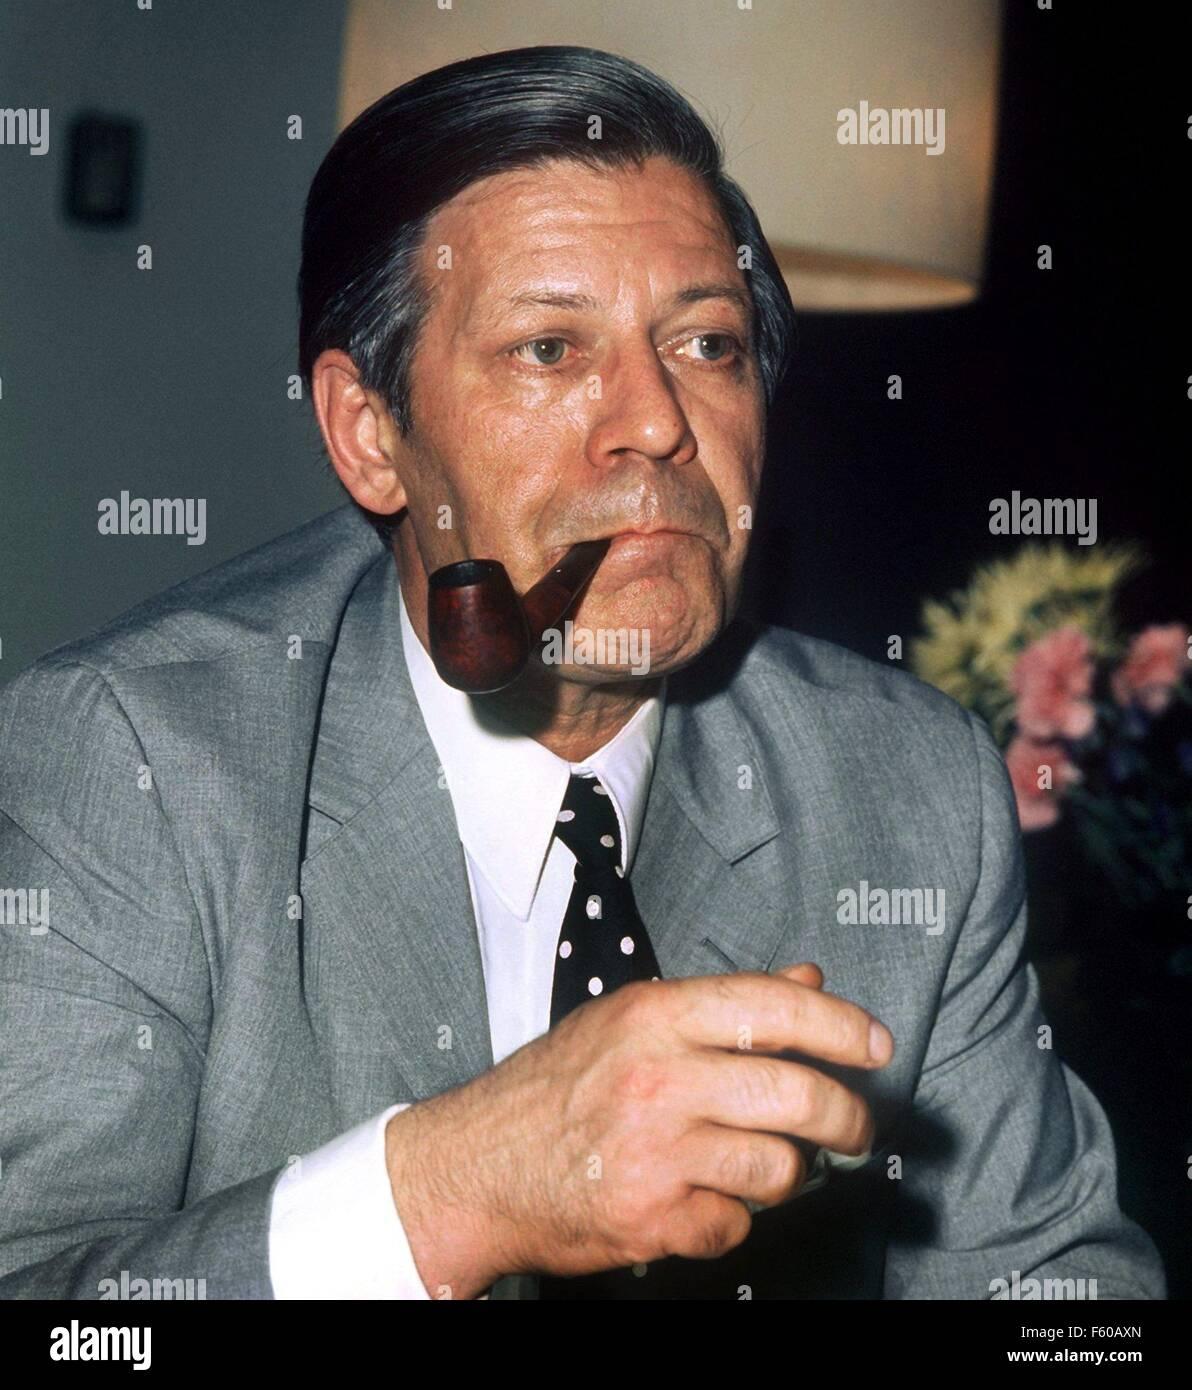 Helmut Schmidt après court après sa nomination comme ministre de l'économie et des finances allemand en juillet 1972 à Bonn. Le 23 décembre 2003, il devient l'âge de 85 ans. Banque D'Images